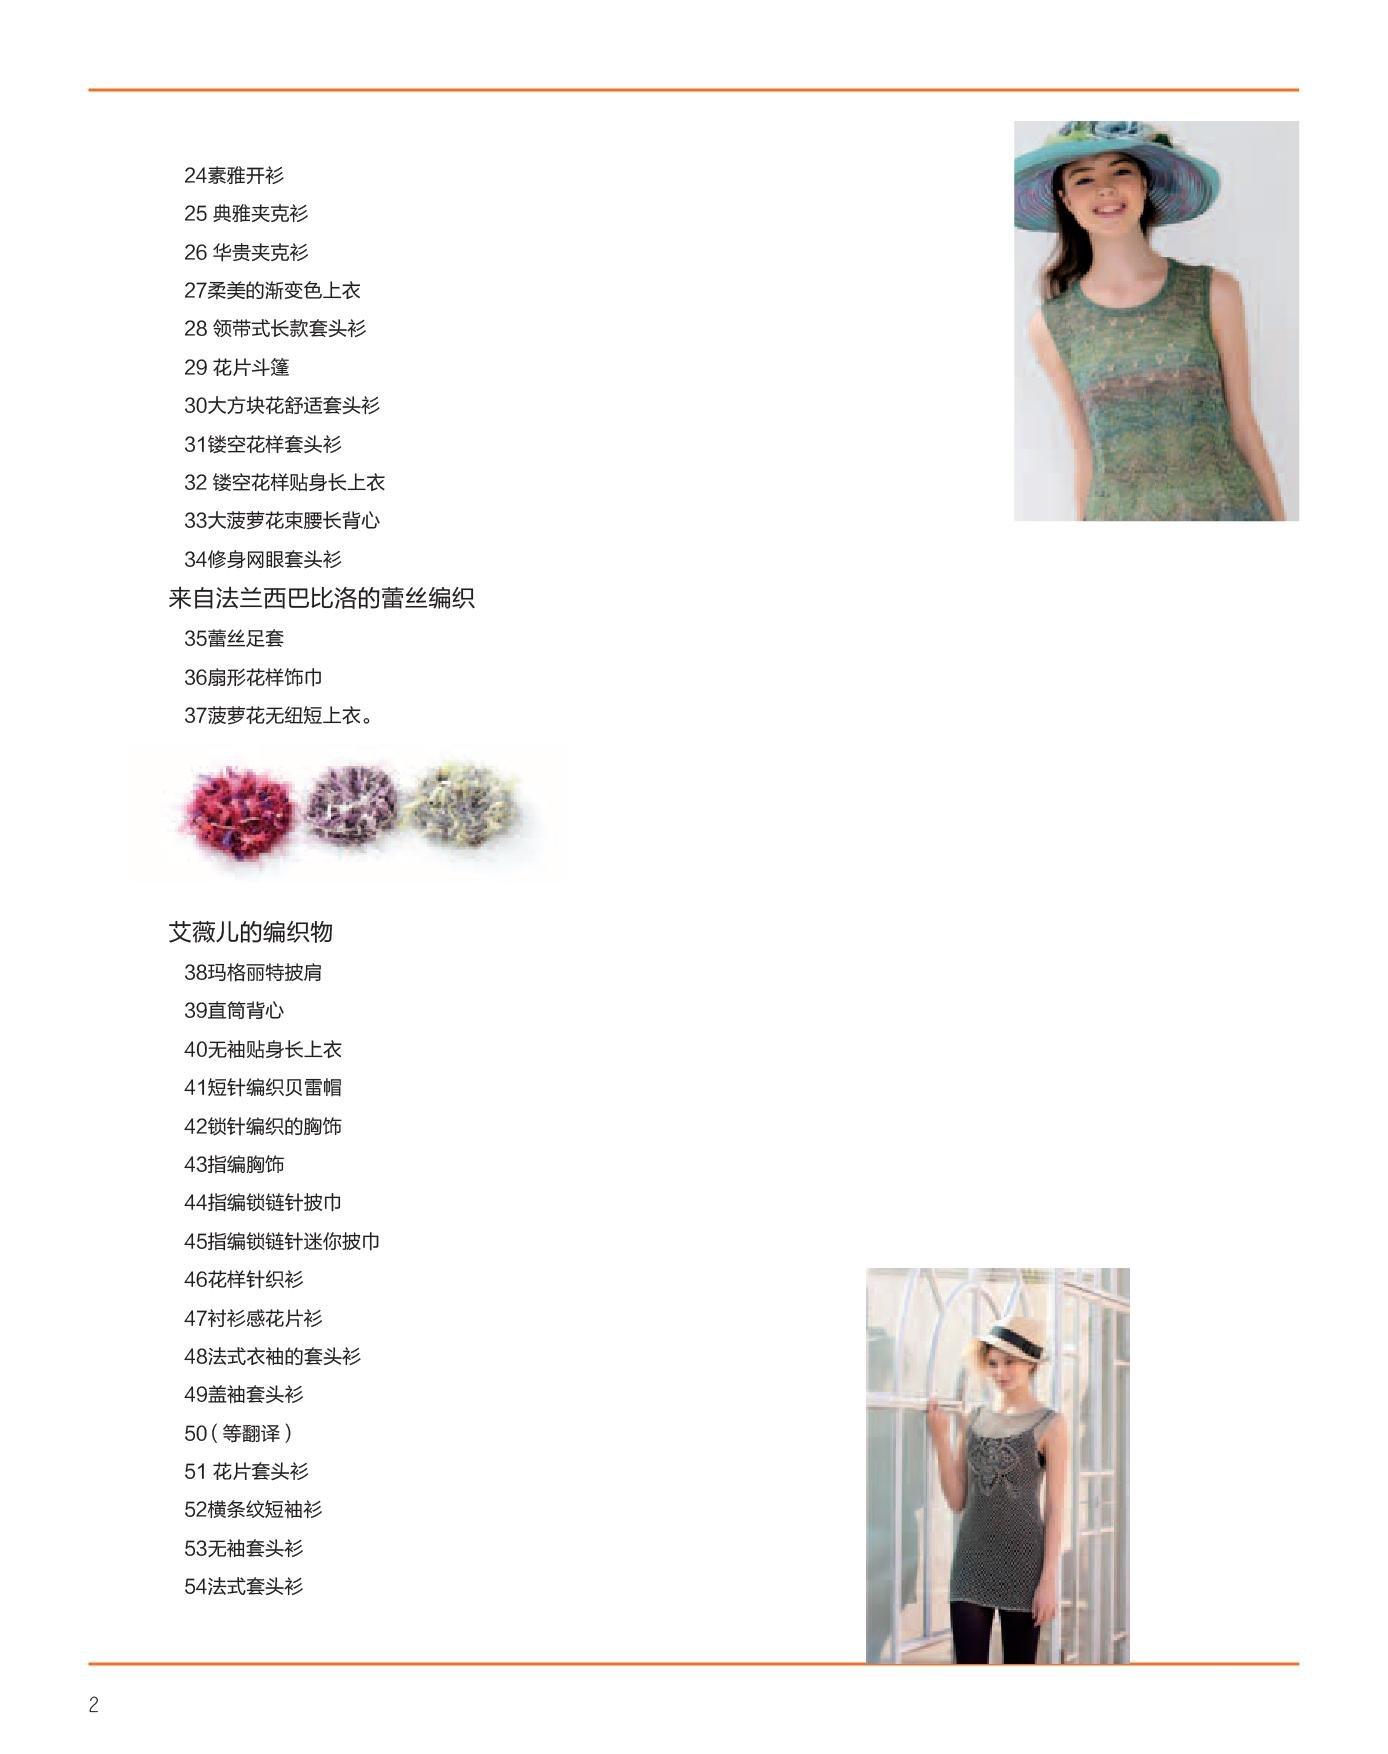 世界编织1 蕾丝编织的美丽世界-2.jpg